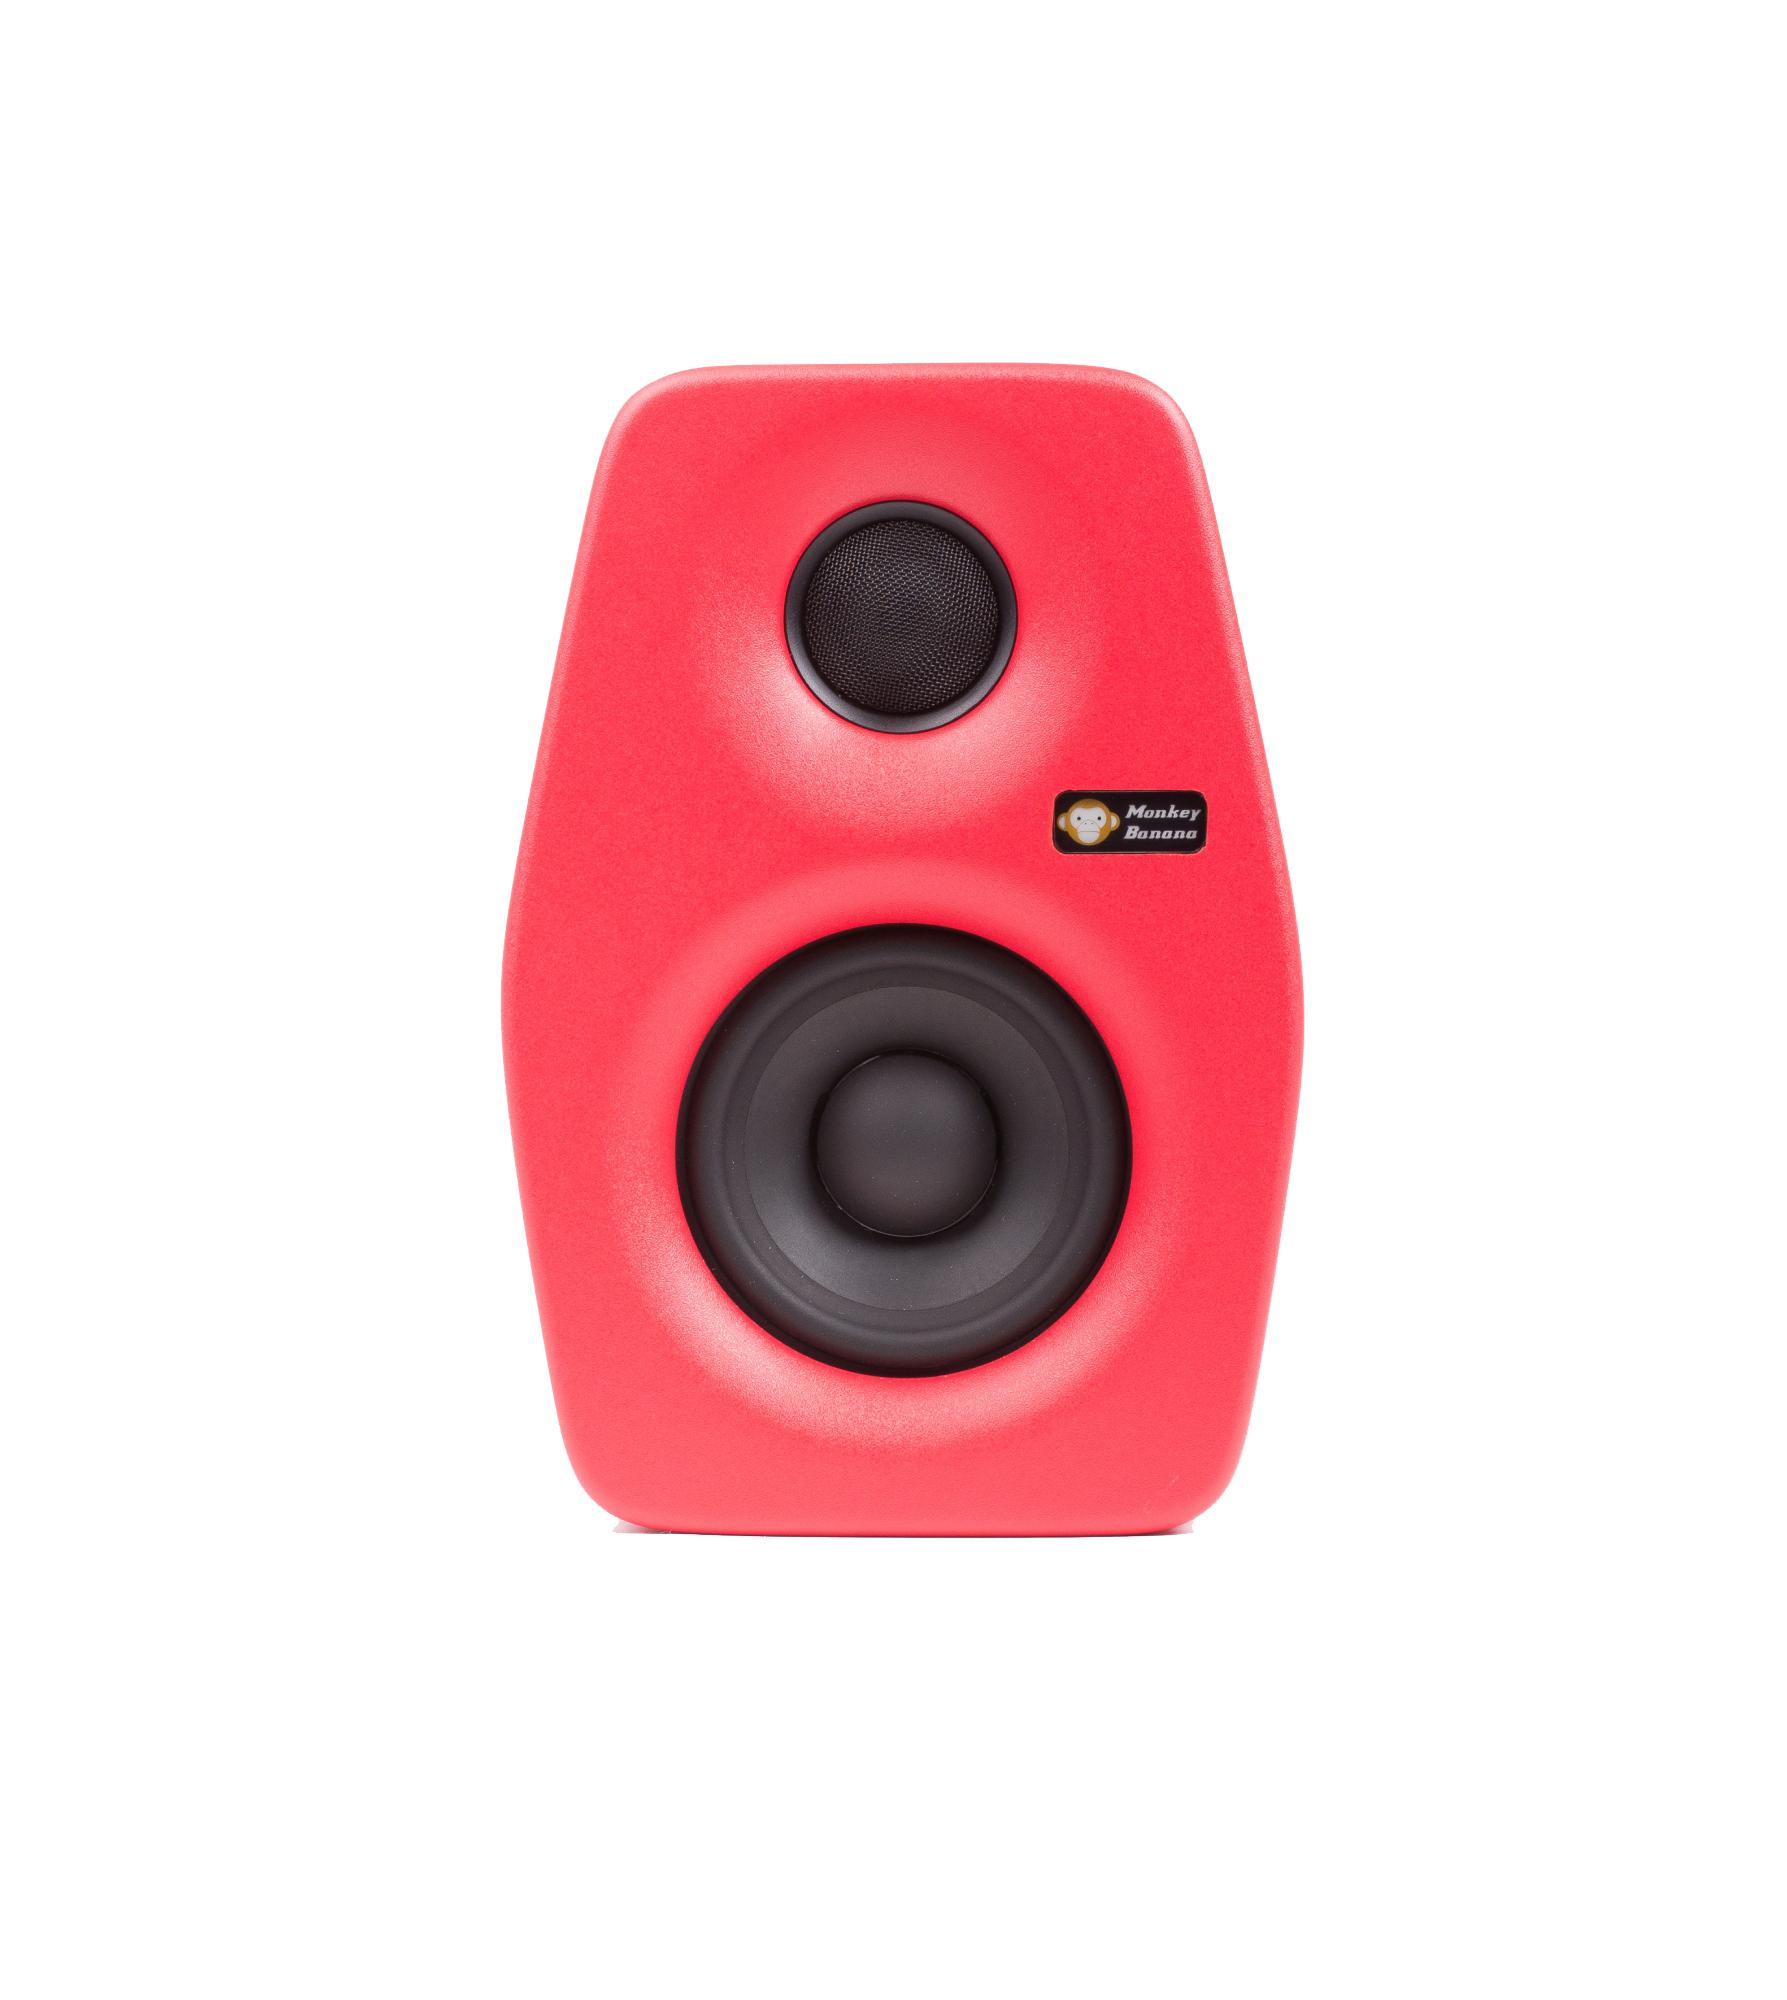 Billede af Monkey Banana Turbo 4 studie højttaler, rød